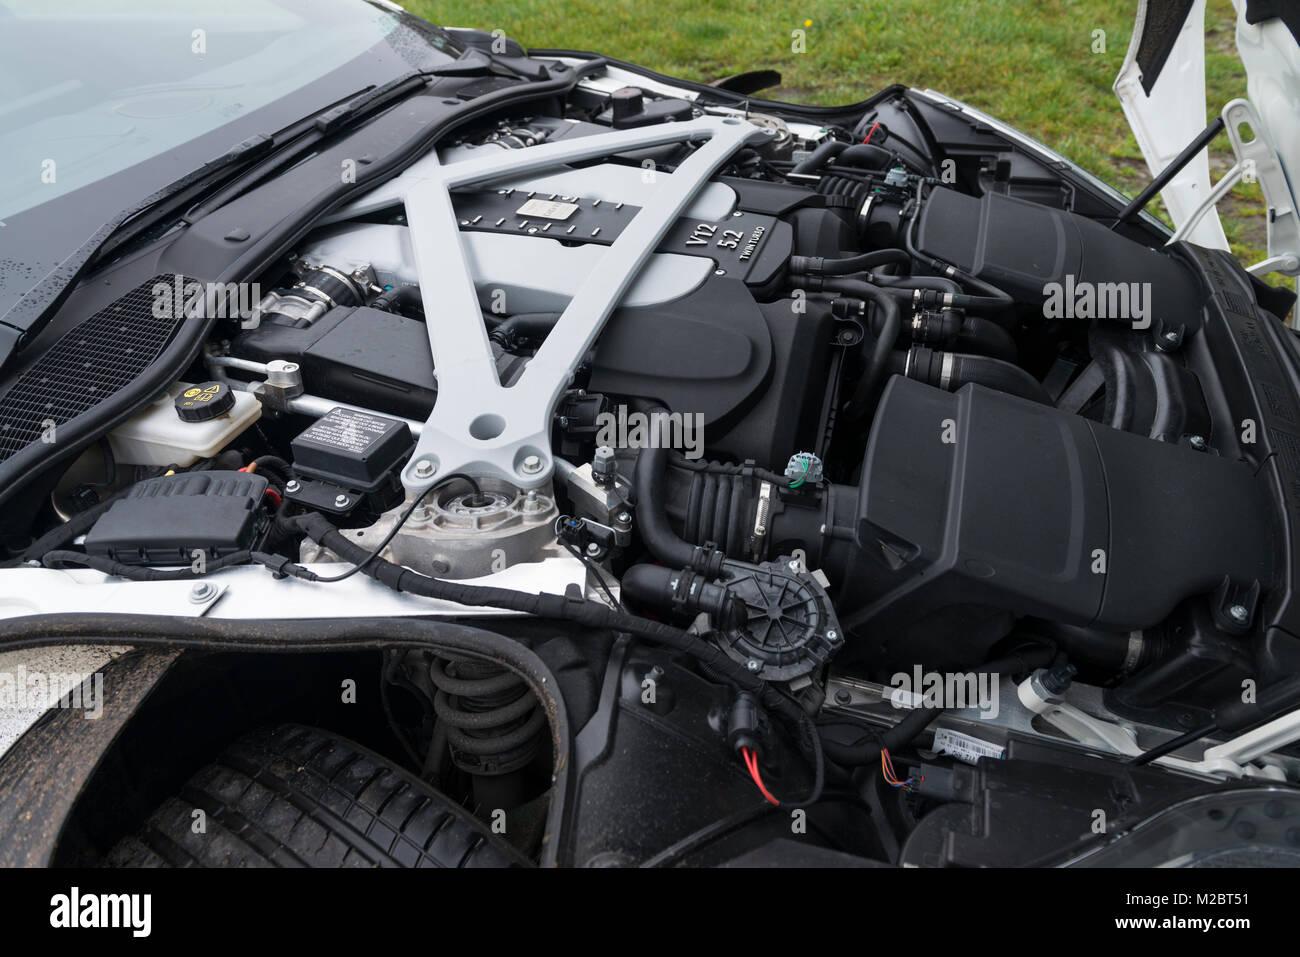 die 5,2-liter-v12-motor unter der haube eines aston martin db11